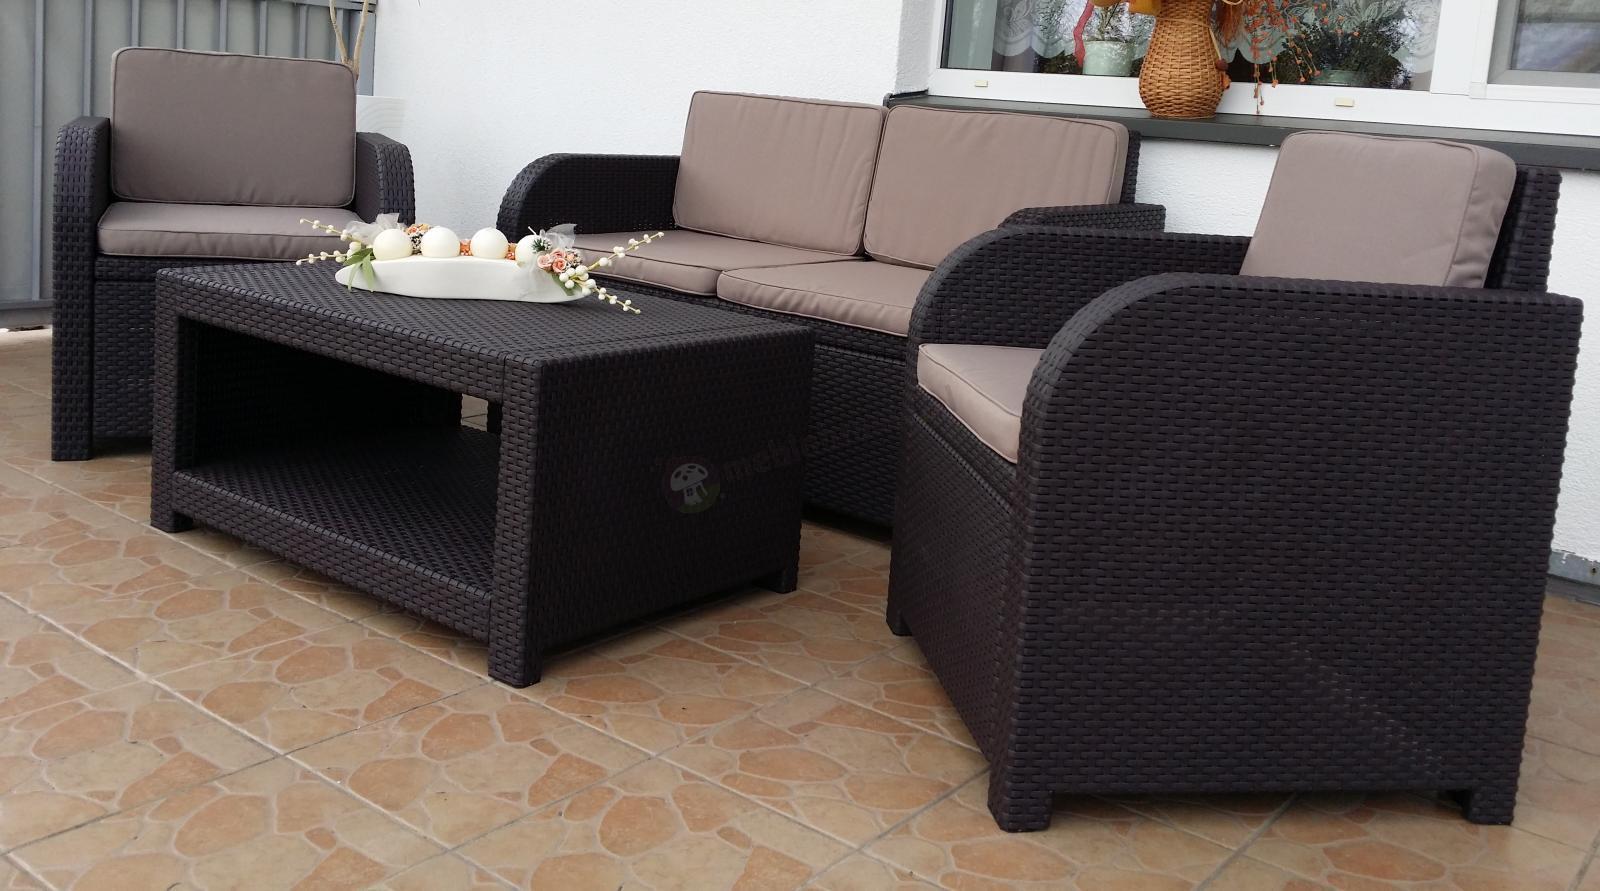 Meble Ogrodowe Monaco Set Technorattan Zestaw : Modena Lounge Set  Allibert by Keter  Zestaw ogrodowy  Meblobranie